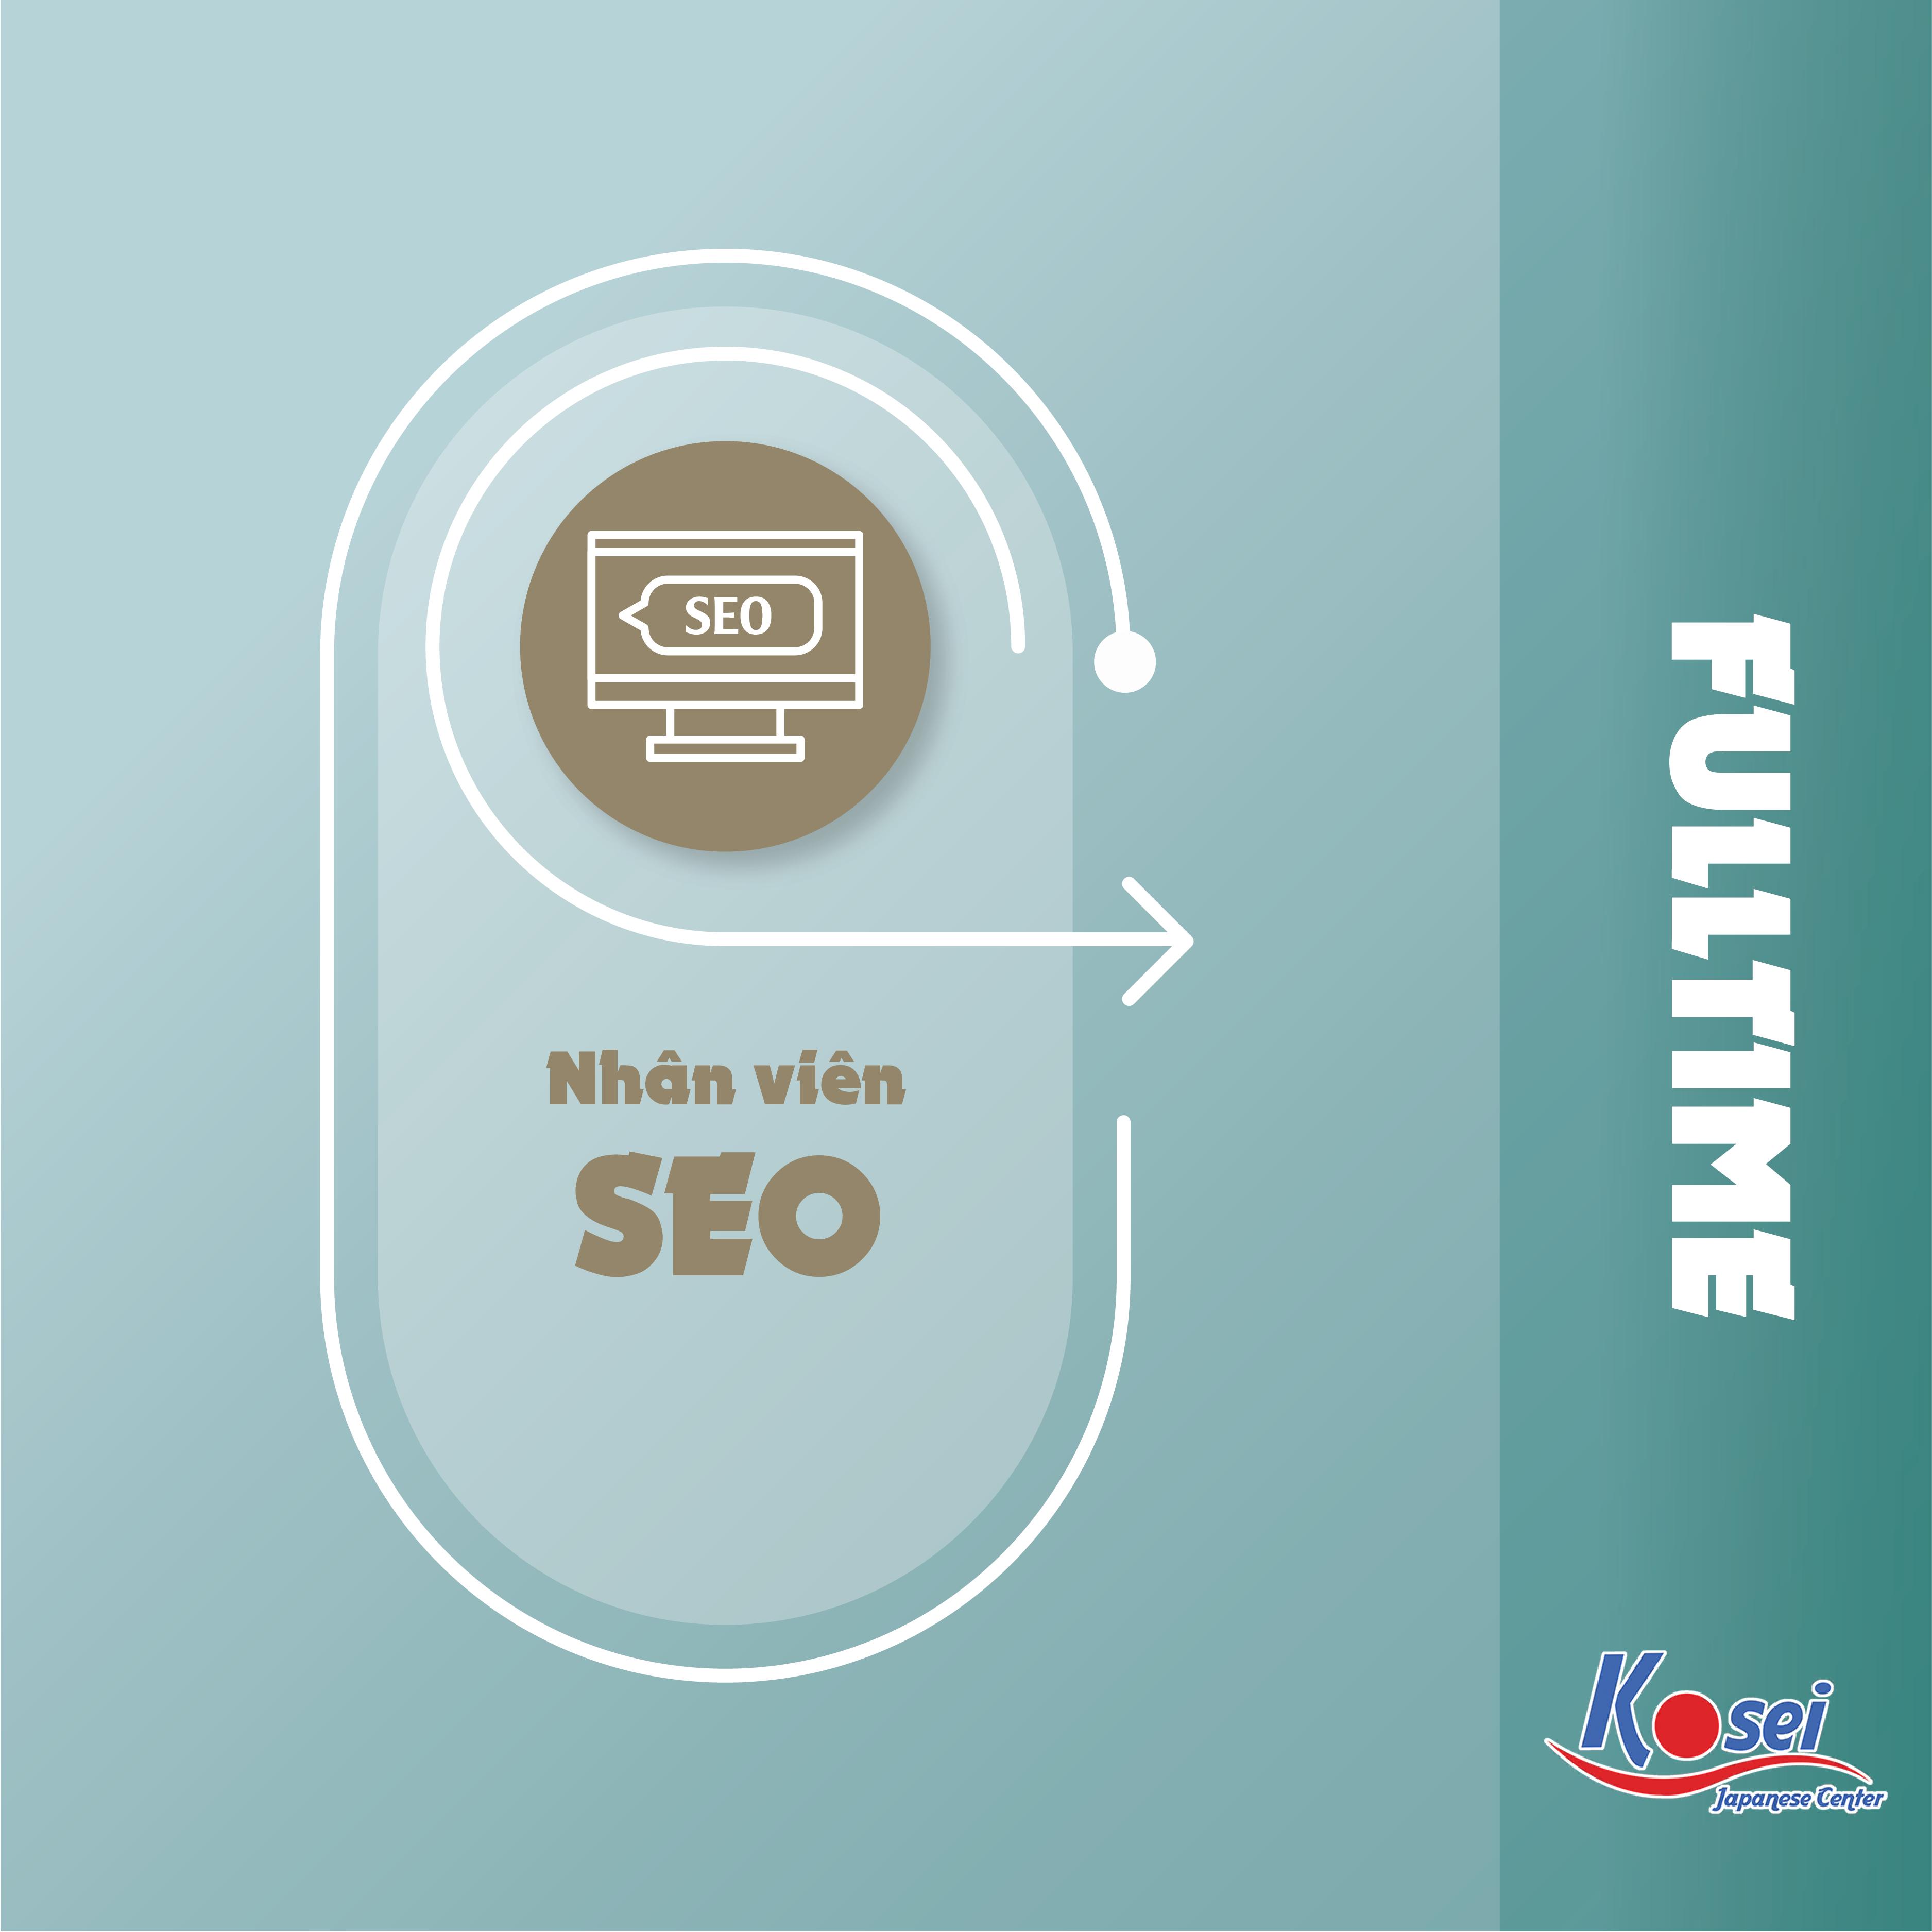 Tuyển dụng nhân viên SEO Fulltime/ Partime (không yêu cầu kinh nghiệm)